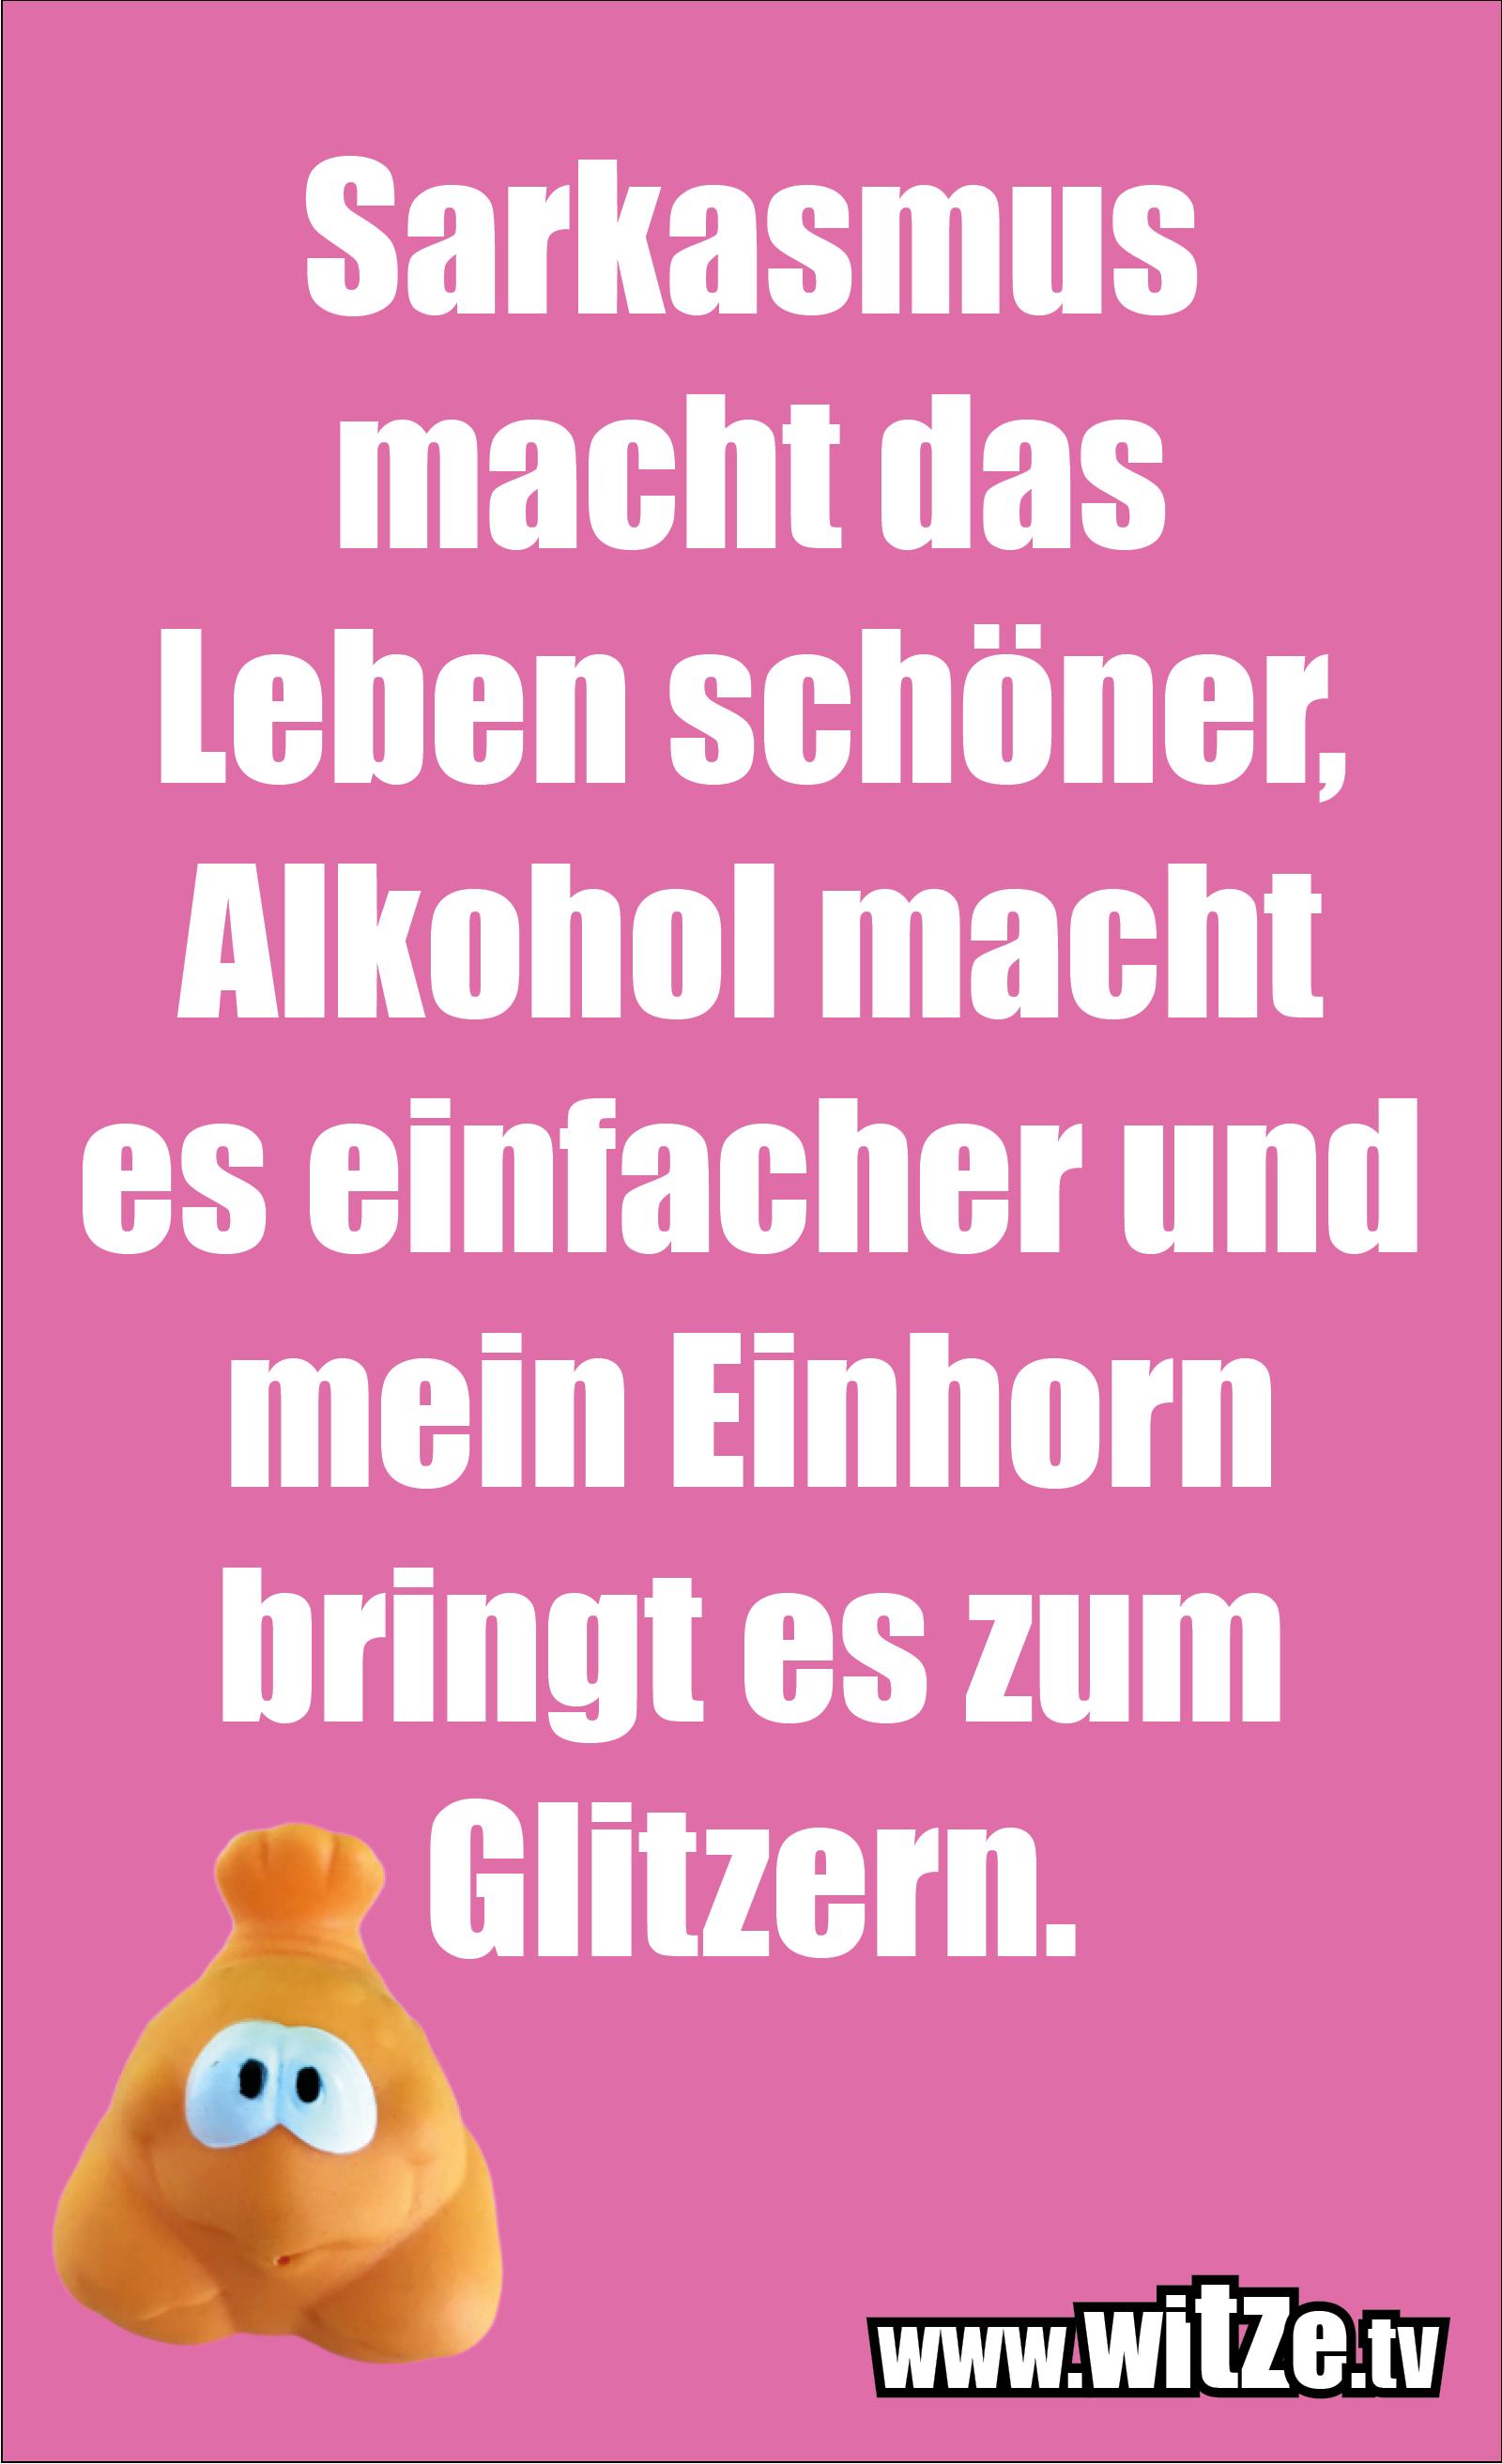 Sarkasmus Sprüche: Sarkasmus macht das Leben schöner, Alkohol macht es einfacher und mein Einhorn bringt es zum Glitzern.